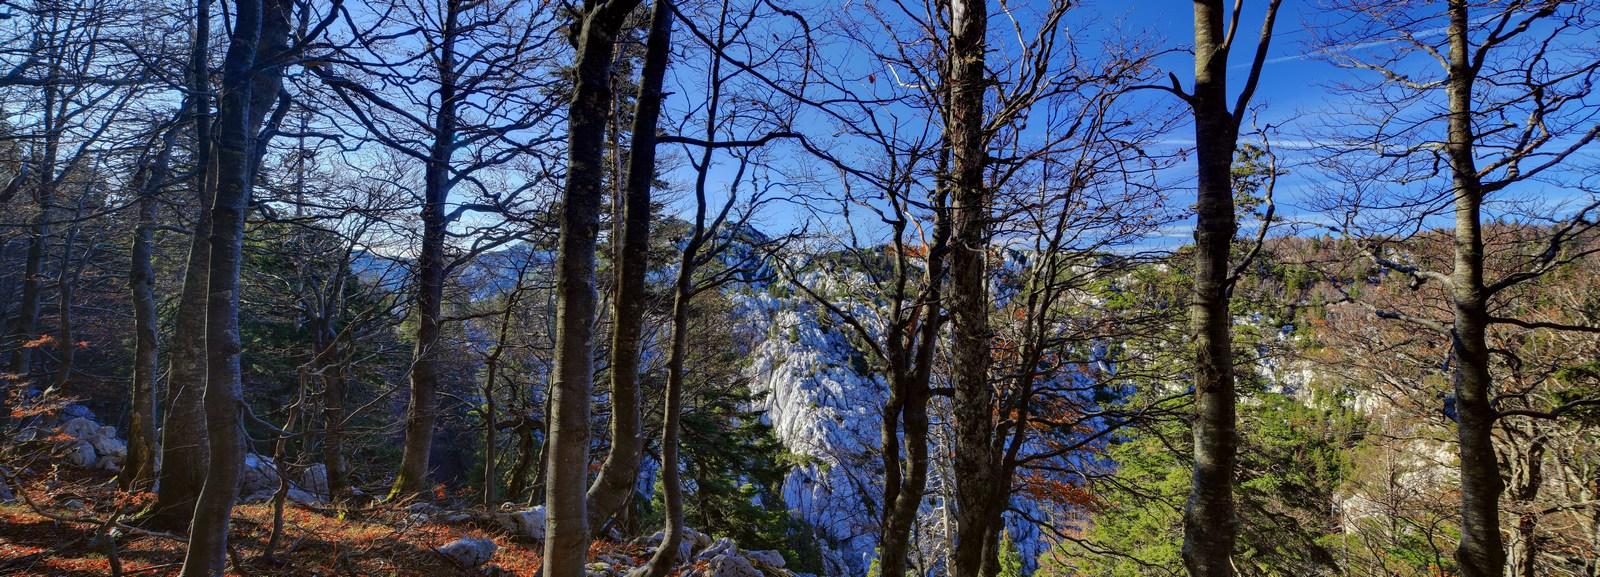 Najvišji vrhovi Velebita so: Vaganjski vrh (1758 mnm), Babin vrh (1746 mnm), Segestin, (1725 mnm), Malovan (1708 mnm). Skupno več kot 130 vrhov je višjih od 1370 metrov nadmorske višine. Foto: HTZ in Dražen Stojčić.